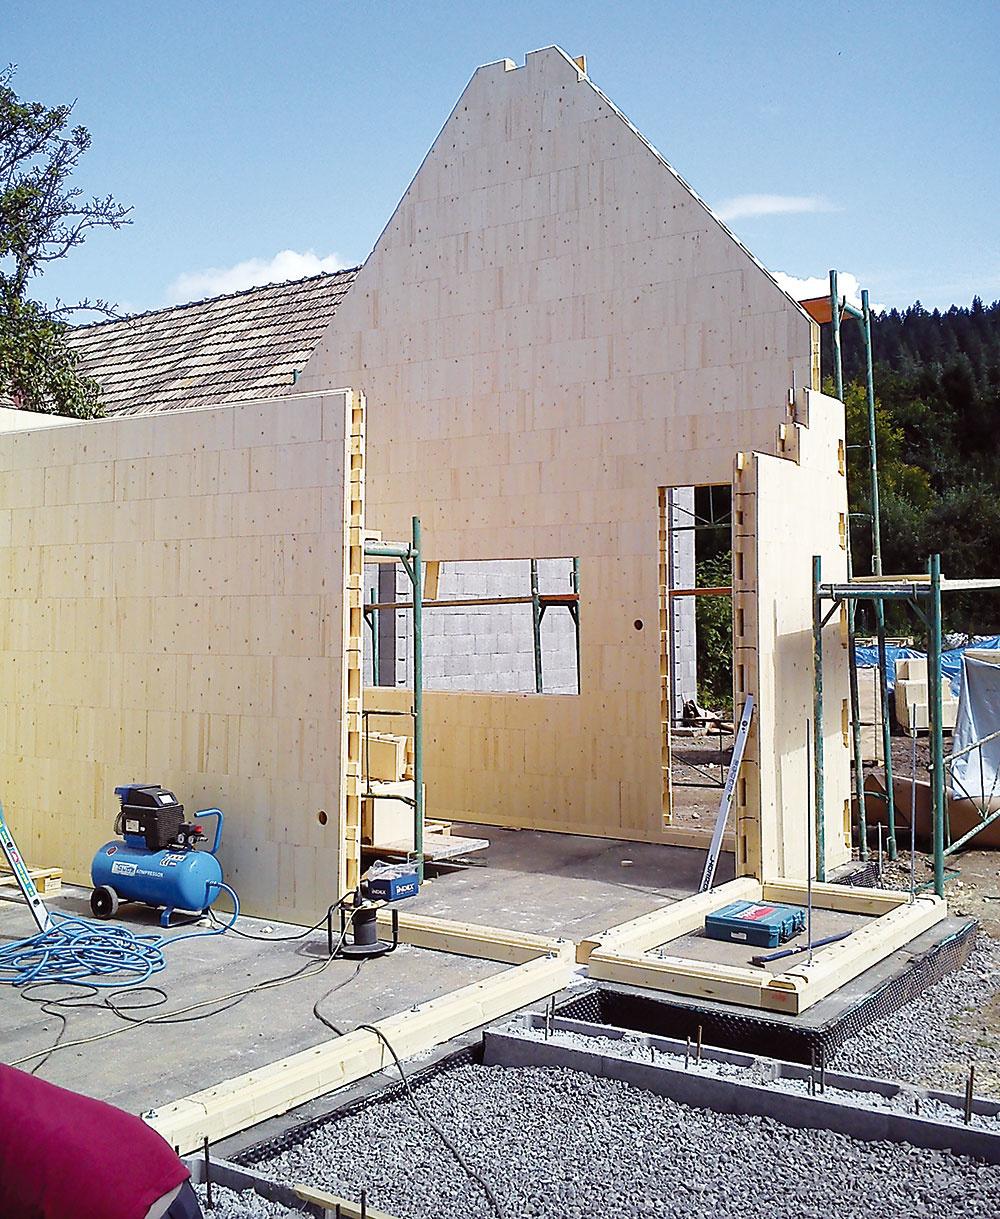 """Tradičný materiál, ale súčasná technológia, tradičná dispozícia, prispôsobená dnešným predstavám obývaní – to je dom vLučatíne od architekta Jara Krobota. Postavili ho zprefabrikovaných tvaroviek švajčiarskeho systému STEKO. Jeho základom sú """"tehly"""" zmasívneho smrekového dreva, ktoré sa môžu plniť rôznymi druhmi sypanej afúkanej izolácie. Postup výstavby je rýchly – steny akrov vrátane izolácie aelektrických rozvodov boli hotové za päť dní."""